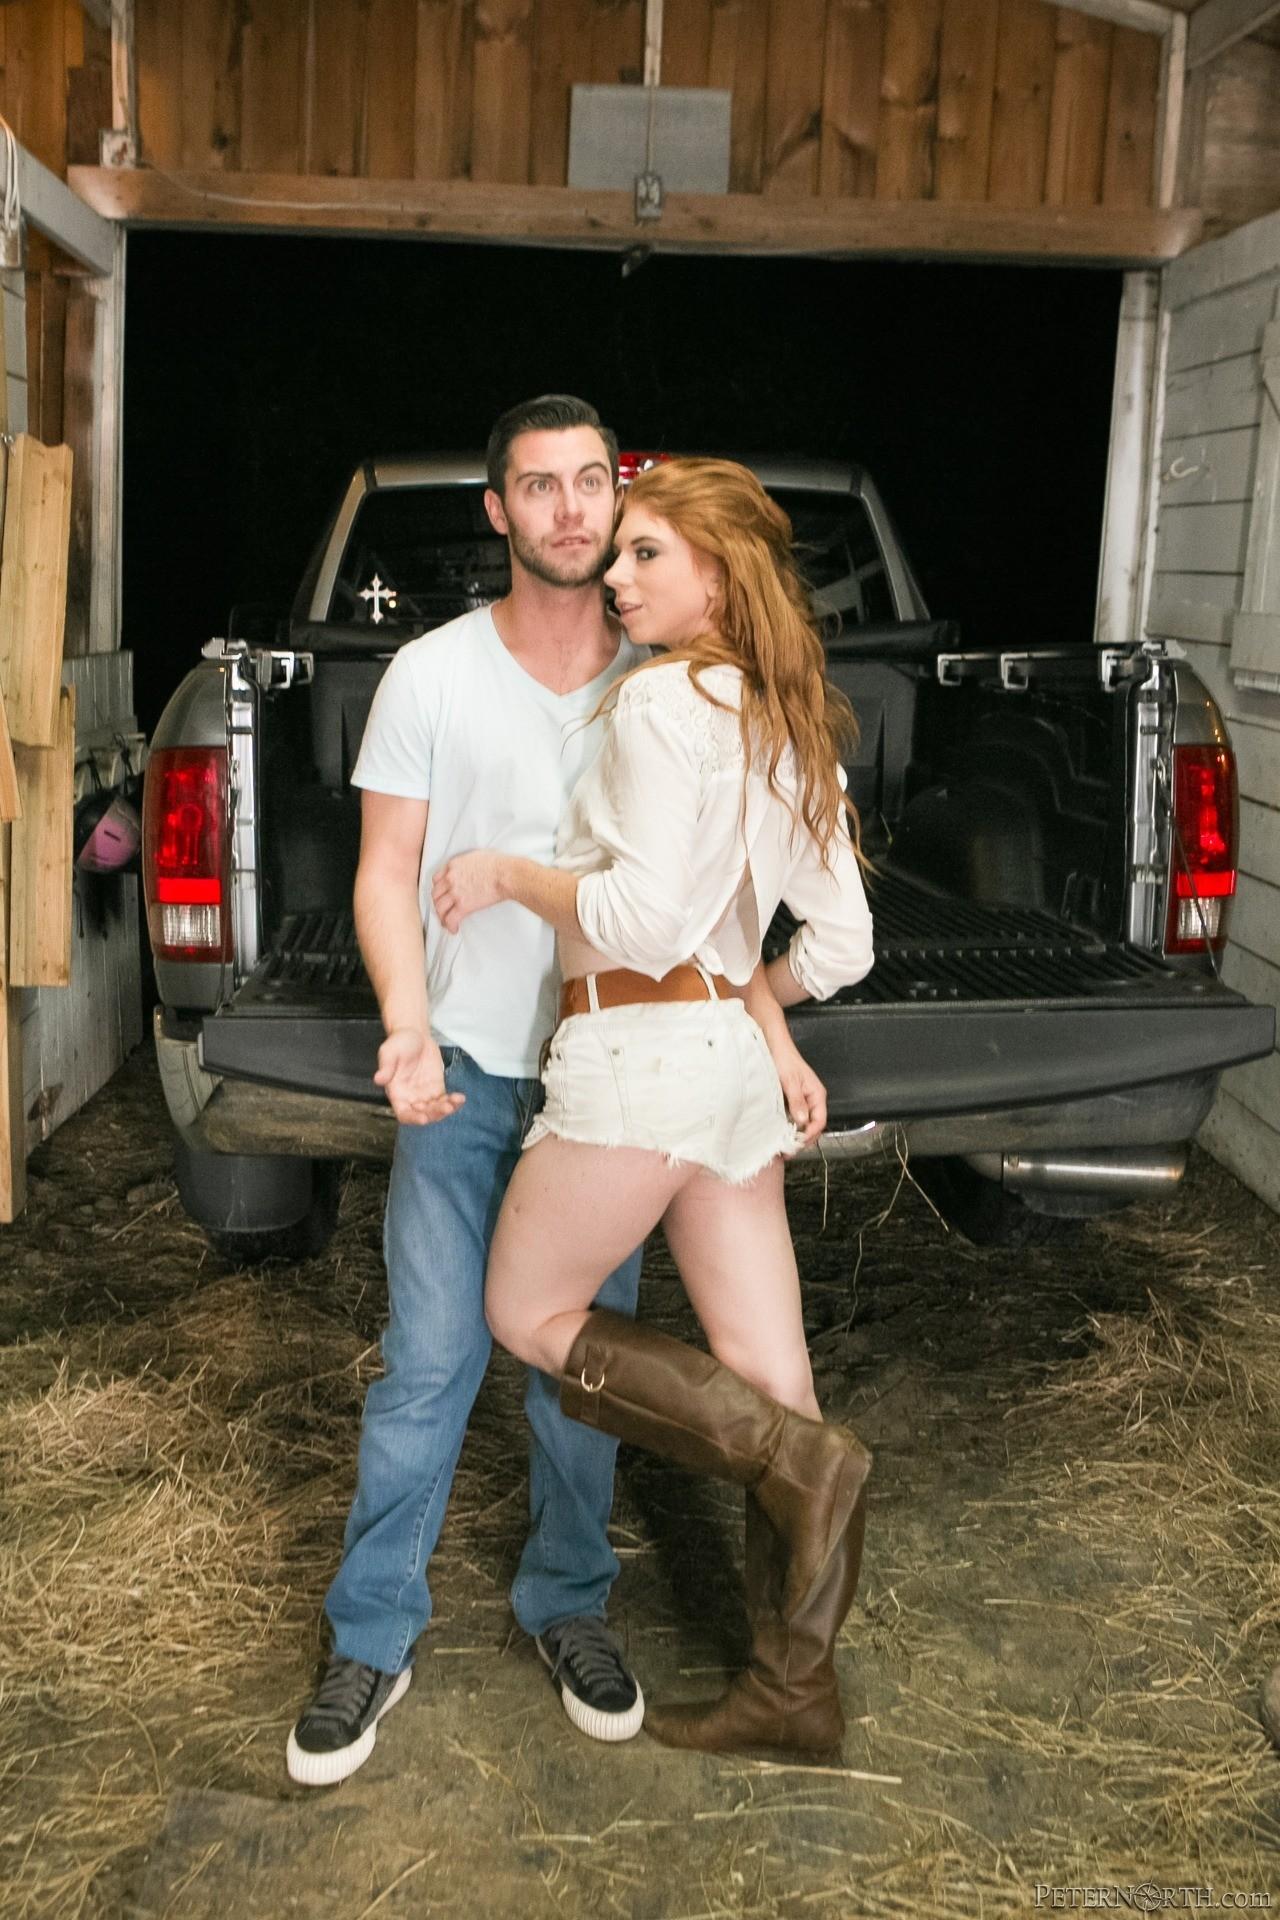 Мэдалин Роуз познакомилась со многими парнями, когда отдыхала с подругой на ранчо, она вспоминает, как с ними трахалась